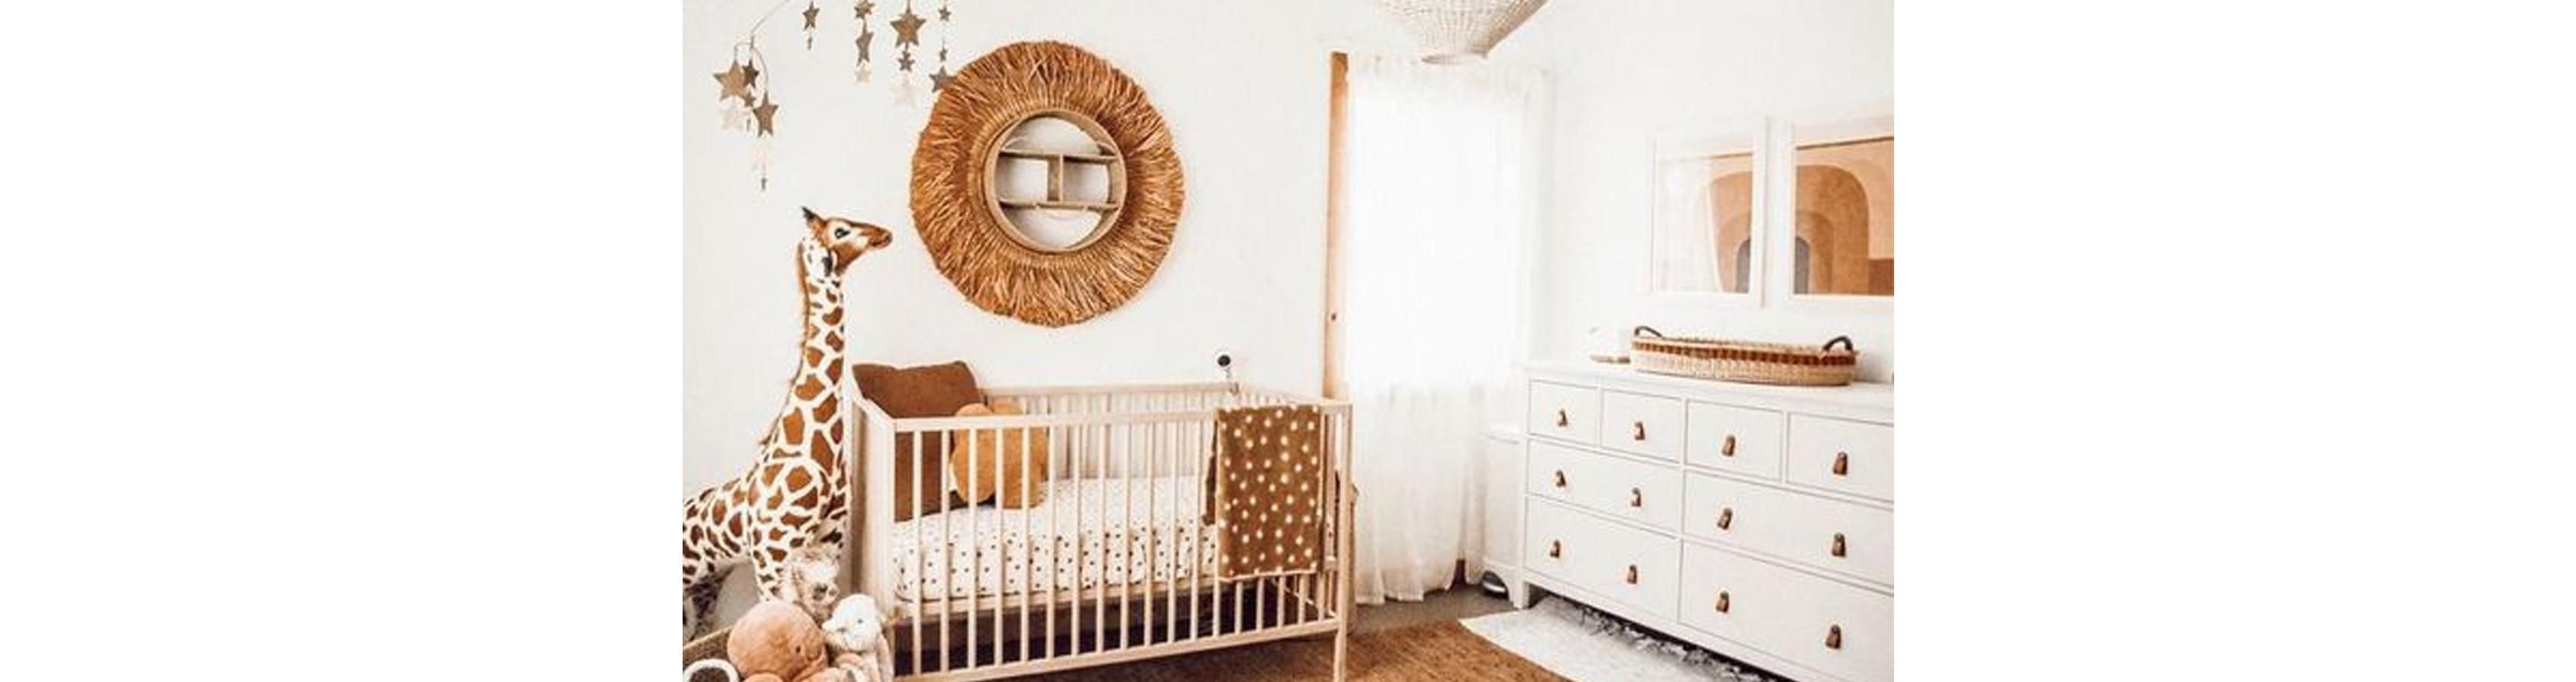 Comment choisir le lit de votre bébé ?